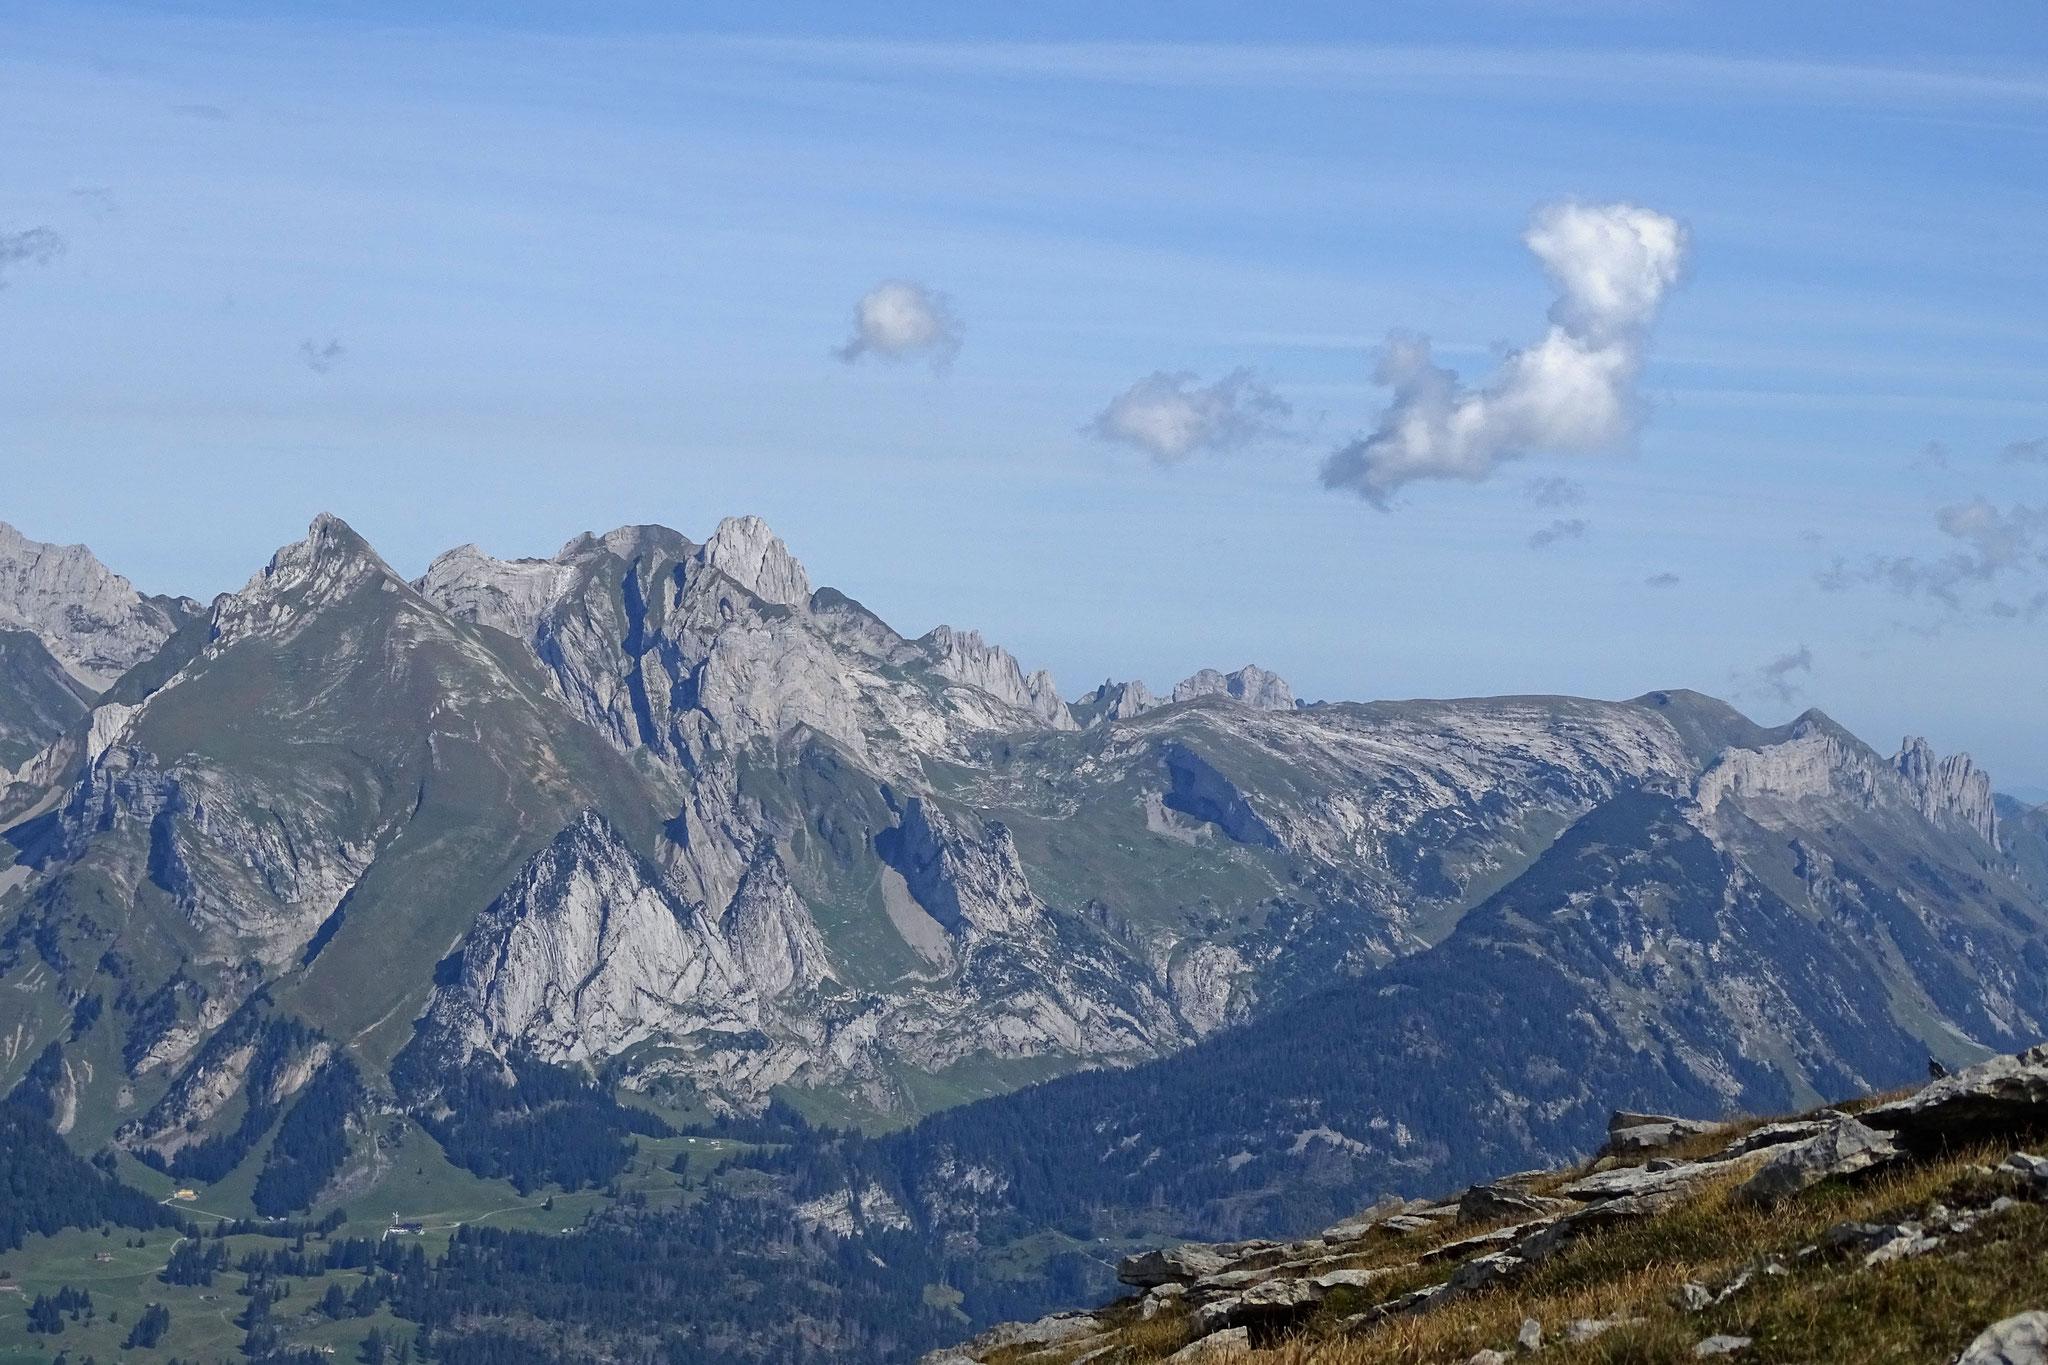 ... bis zu den östlichen Gipfeln des Altmann und der Kreuzberge